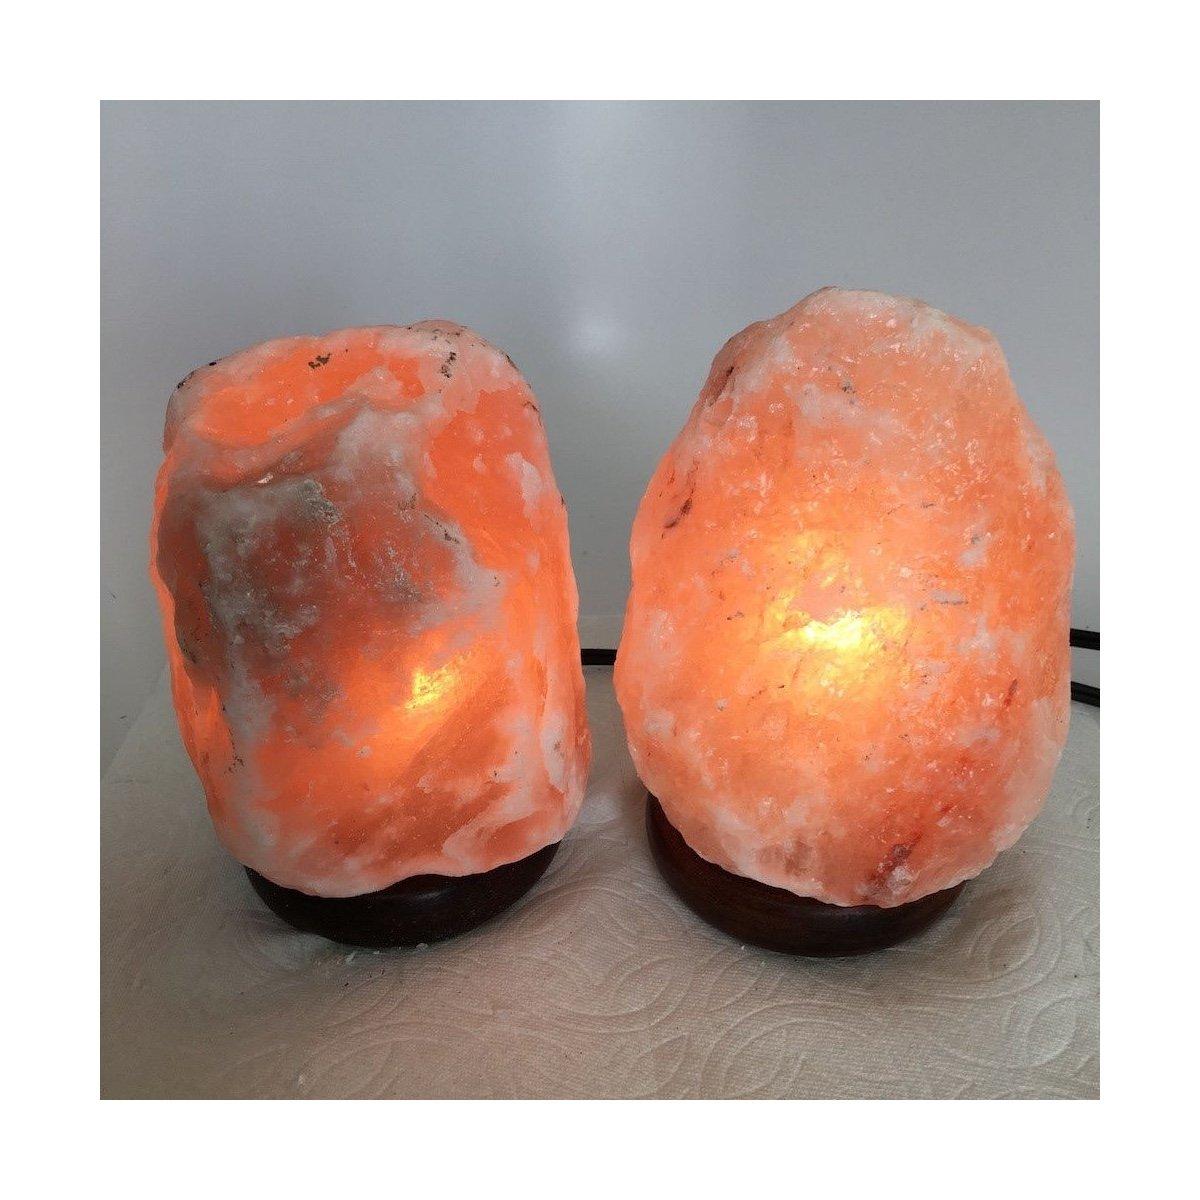 2x Himalaya Natural Handcraft Rough Raw Crystal Salt Lamp, 6.75''-7.25'' Tall,XL159